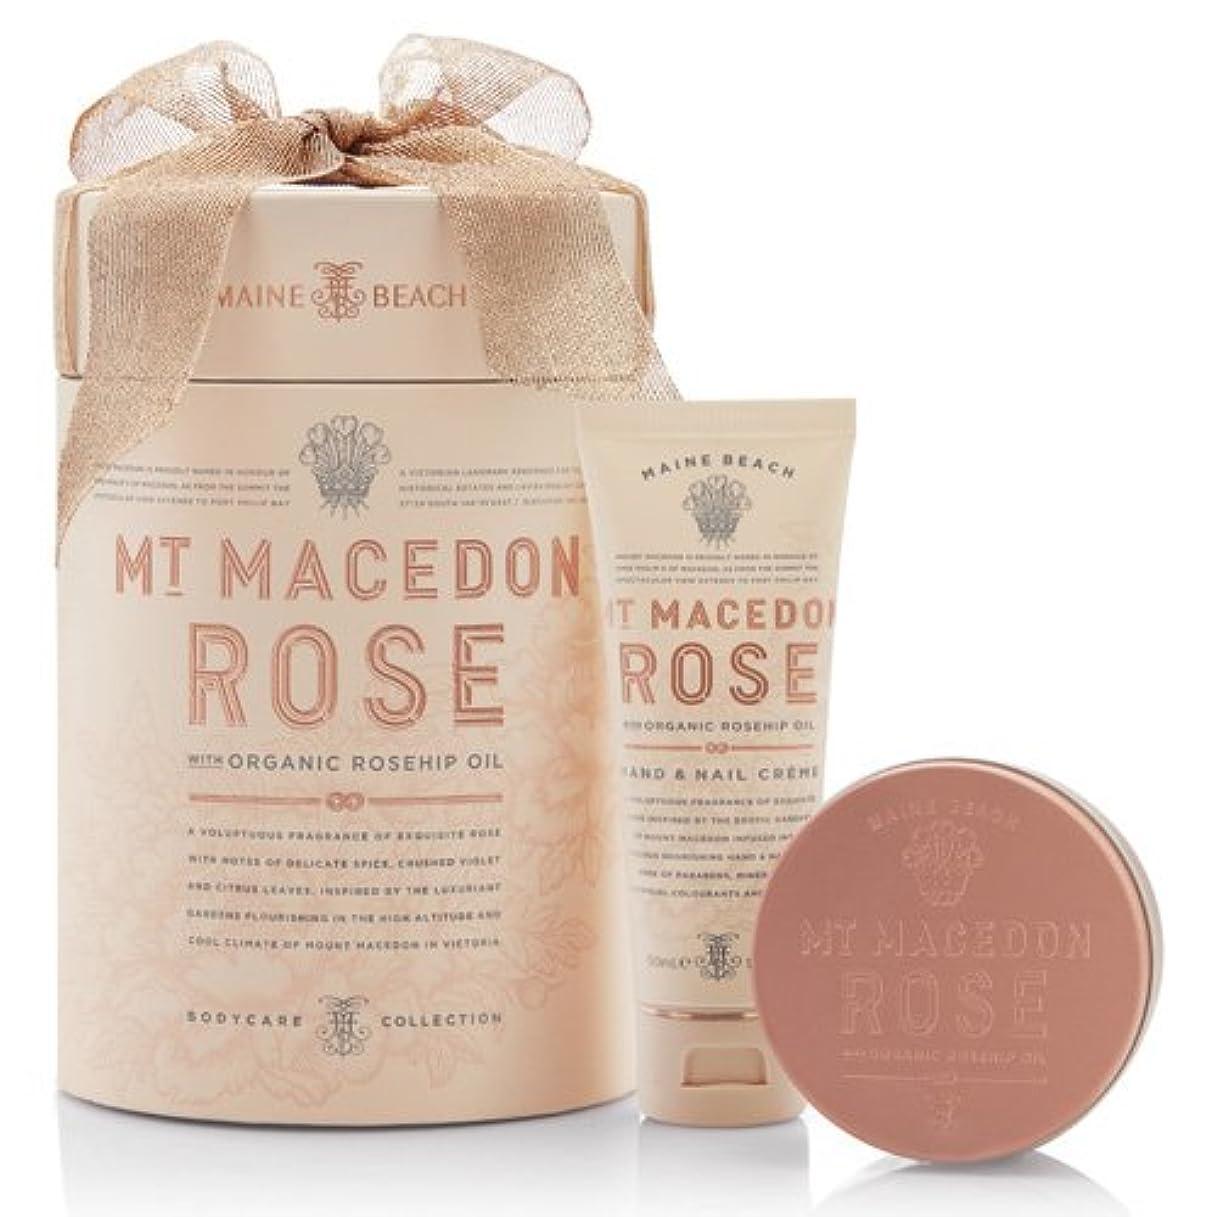 宣言気体の眼MAINE BEACH マインビーチ MT MACEDON ROSE マウント マセドン ローズ Duo Gift Pack